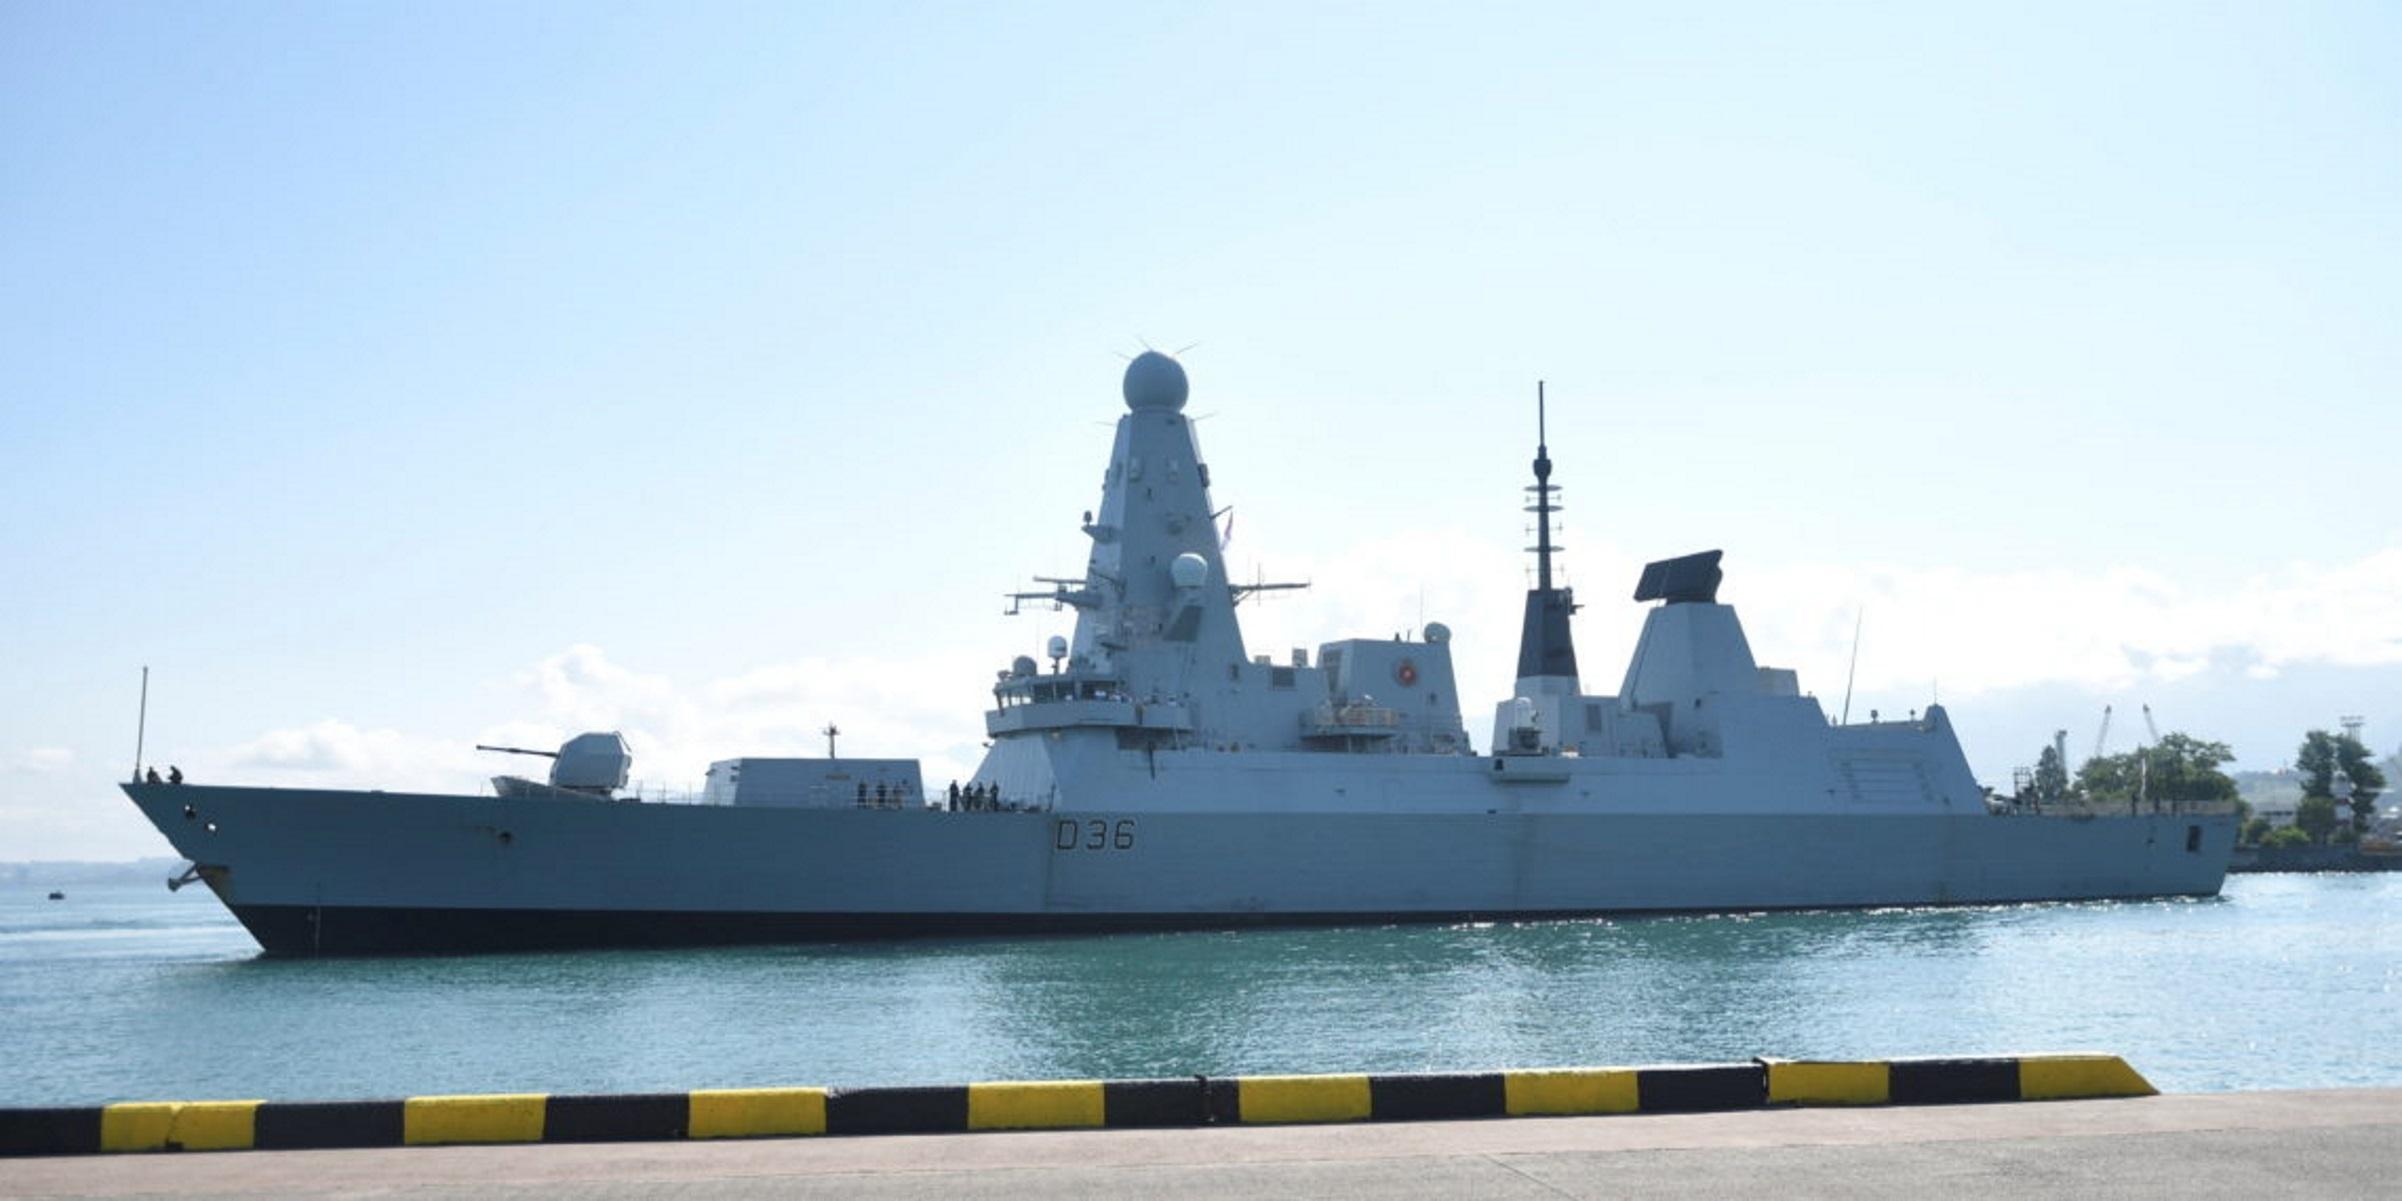 Απίστευτη «ατάκα» Πούτιν: Αν βυθίζαμε το HMS Defender δεν θα ξεσπούσε Παγκόσμιος Πόλεμος